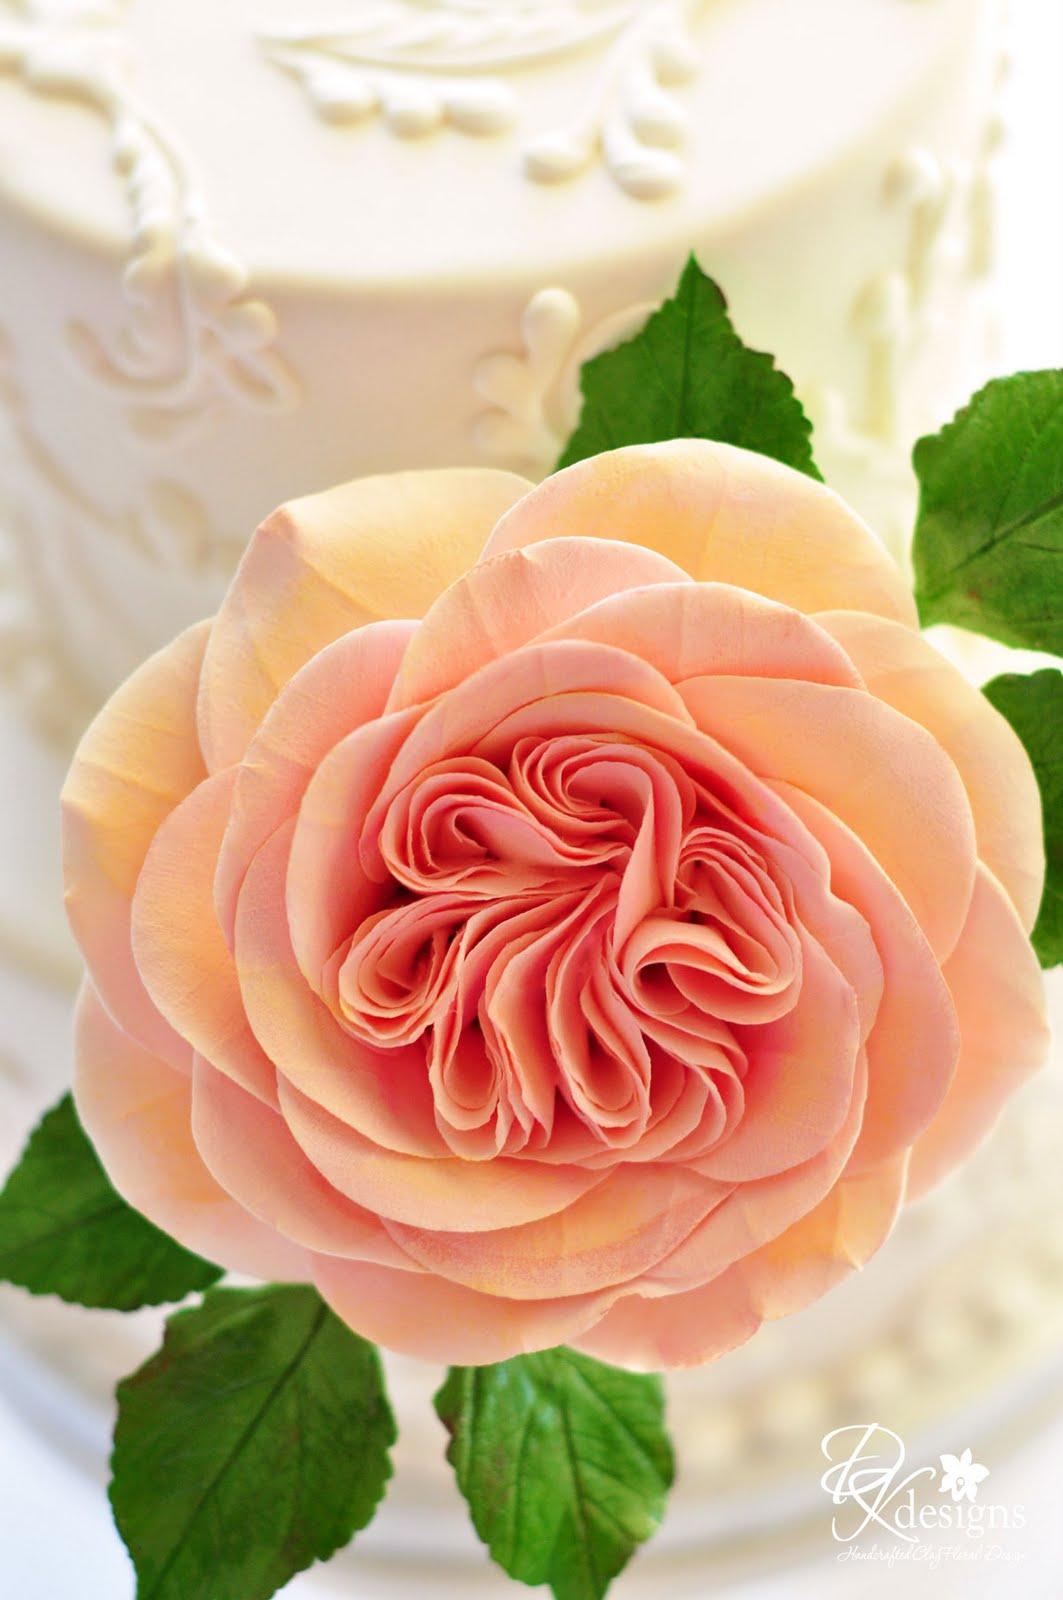 david austin inspired rose cake flowers dk designs. Black Bedroom Furniture Sets. Home Design Ideas